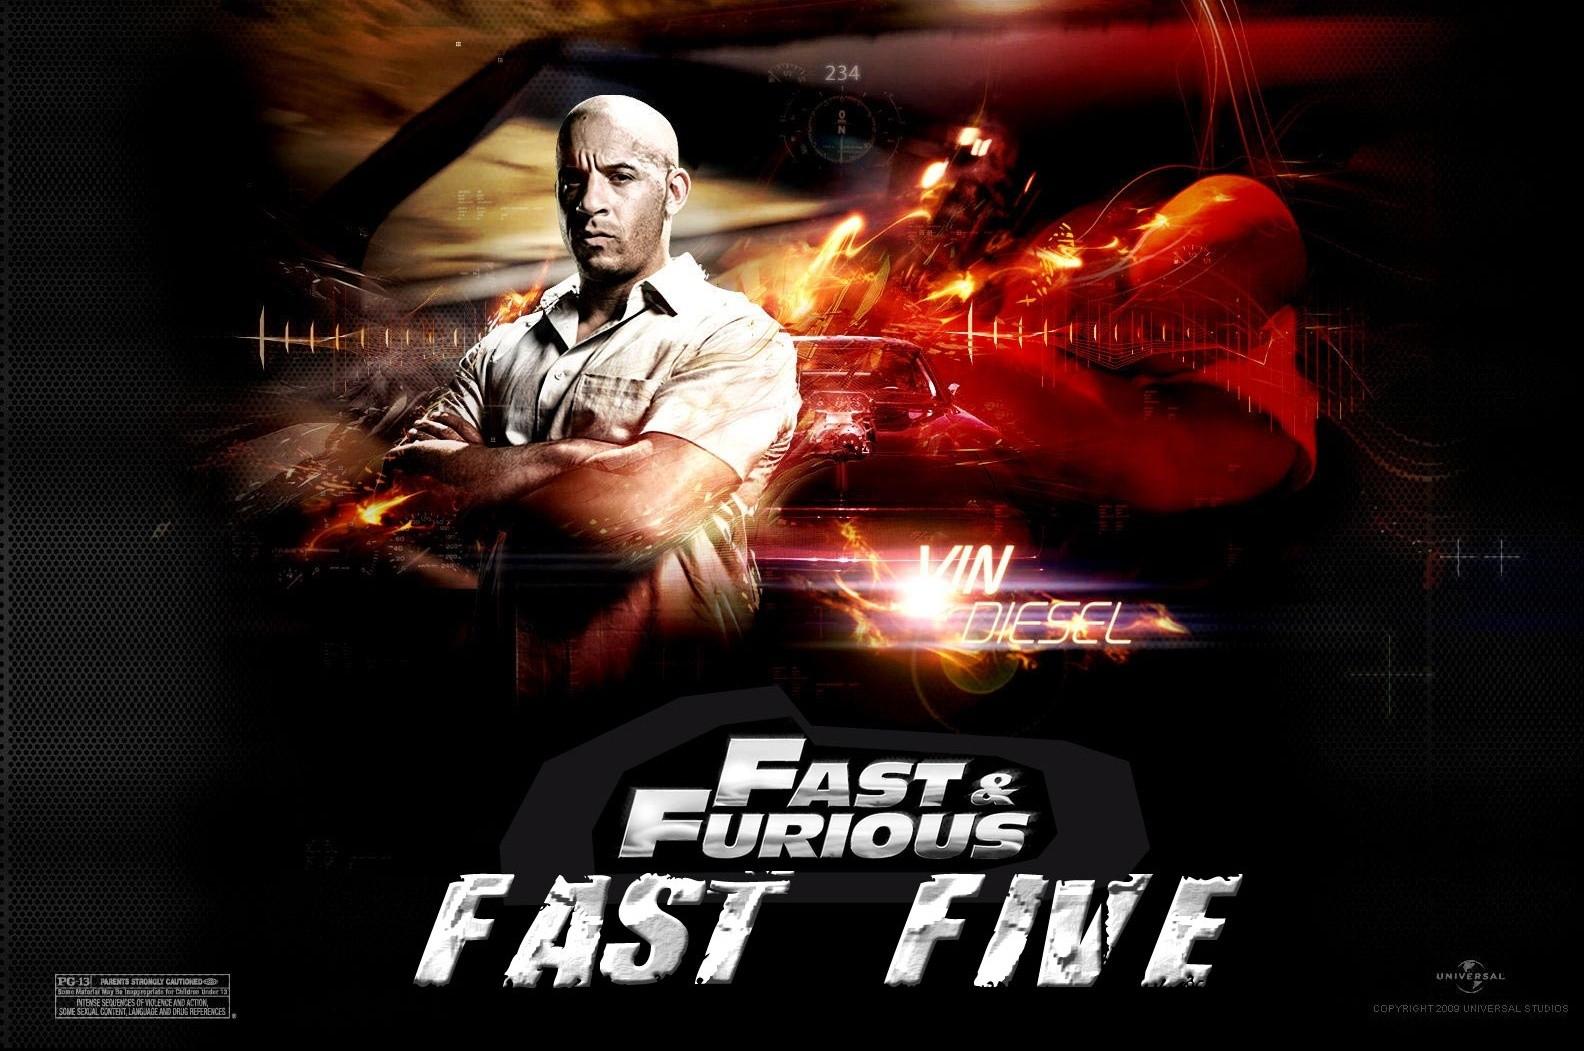 Wallpaper: Vin Diesel in Fast & Furious 5